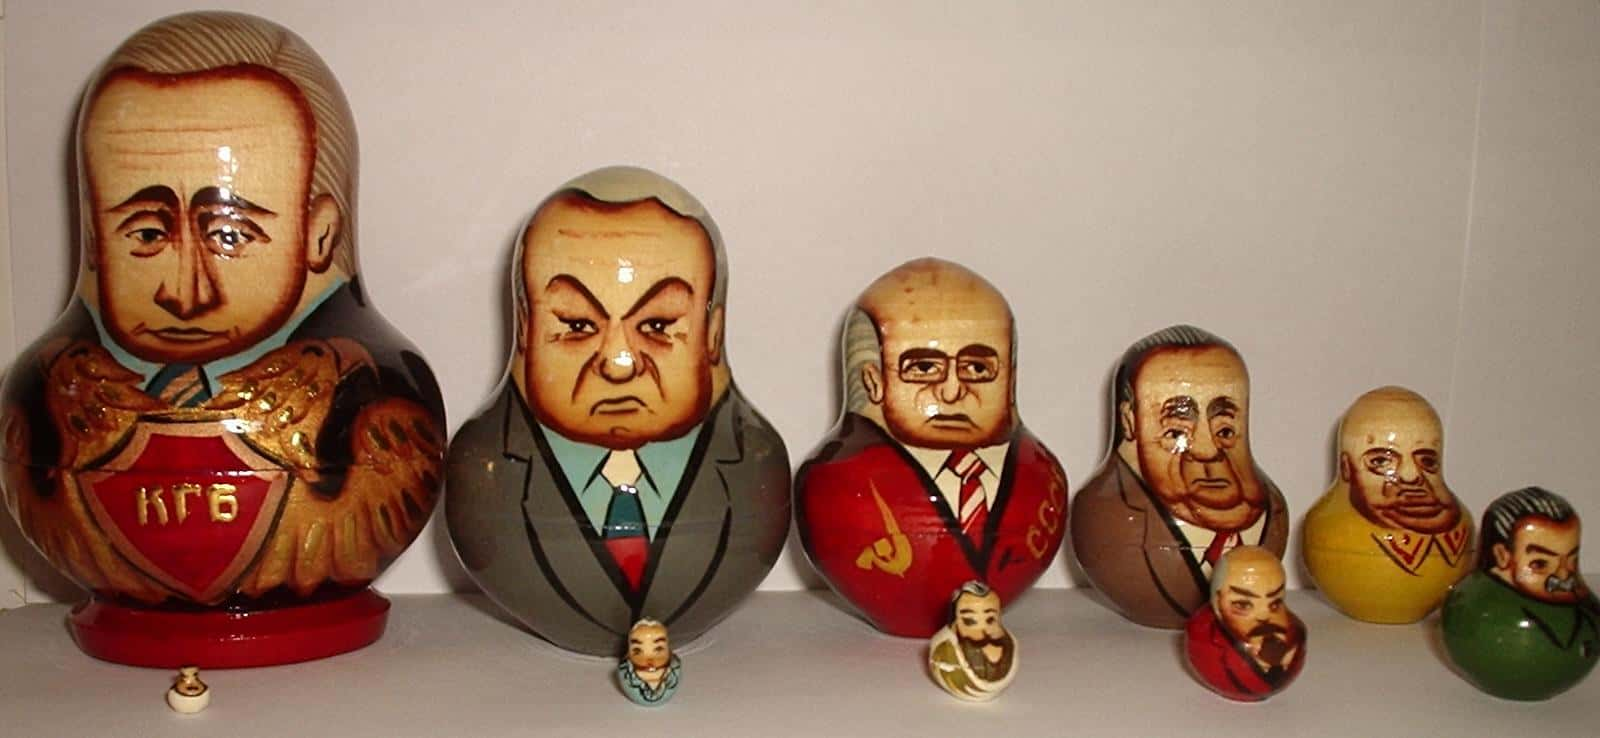 Dix hommes politiques russes représentés sousforme de poupées matryoshka.